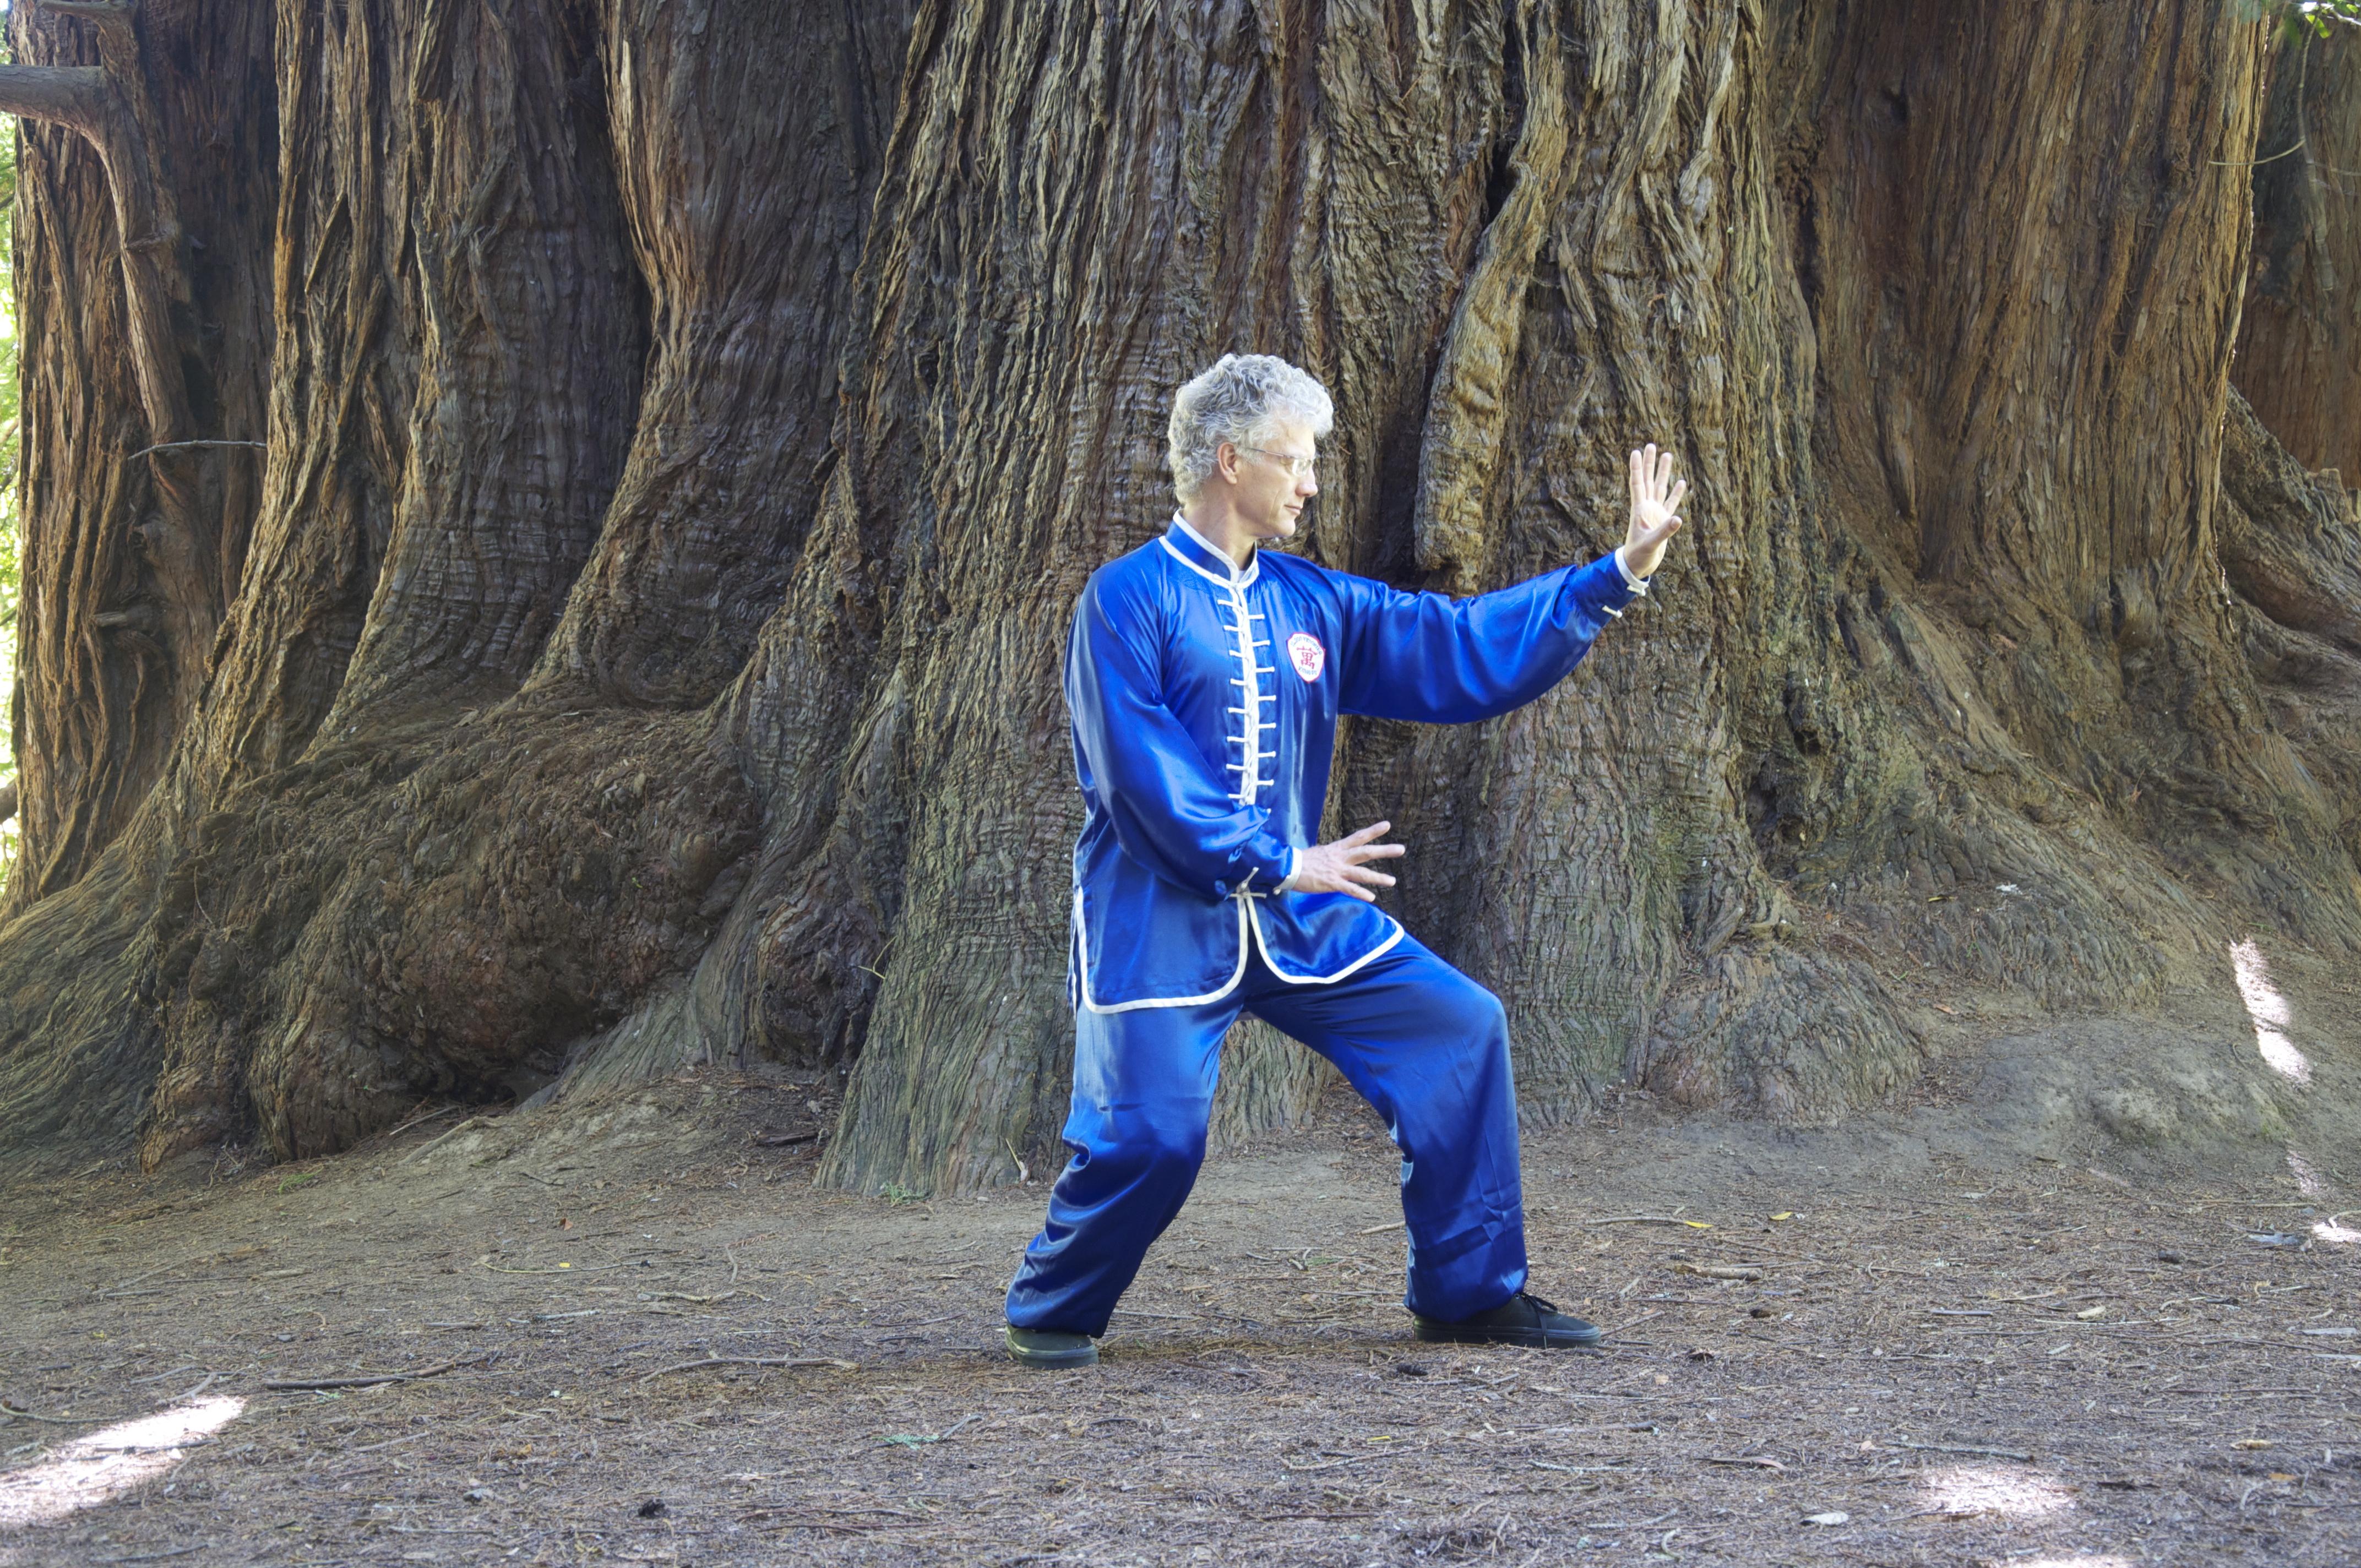 Scott Jensen teaches Xing Yi Quan in Marin county CA.